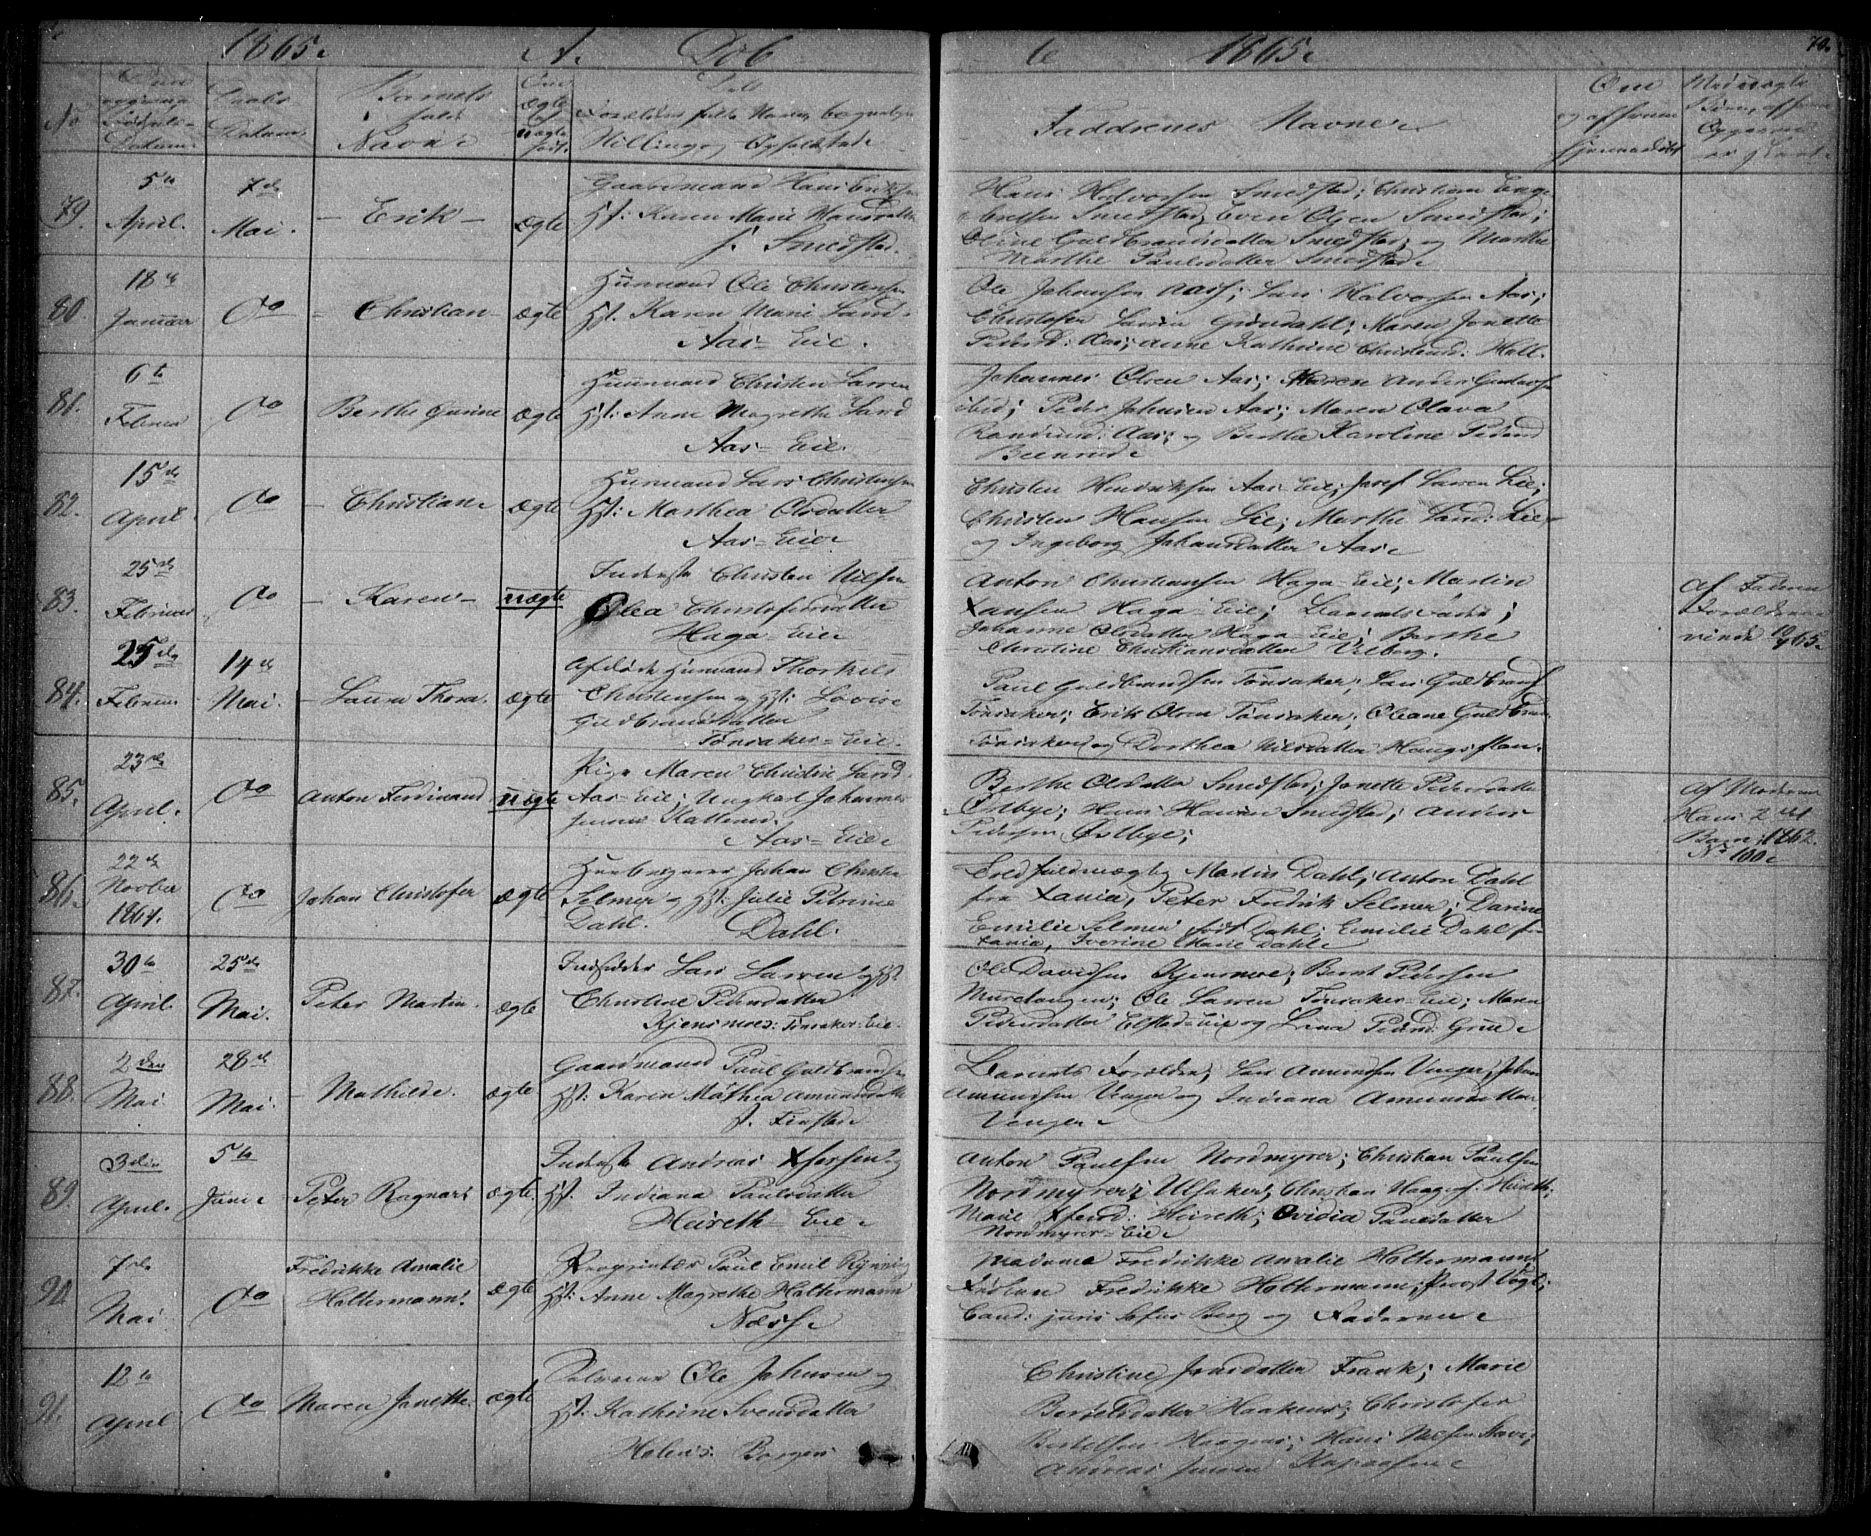 SAO, Eidsvoll prestekontor Kirkebøker, G/Ga/L0001: Klokkerbok nr. I 1, 1861-1866, s. 70